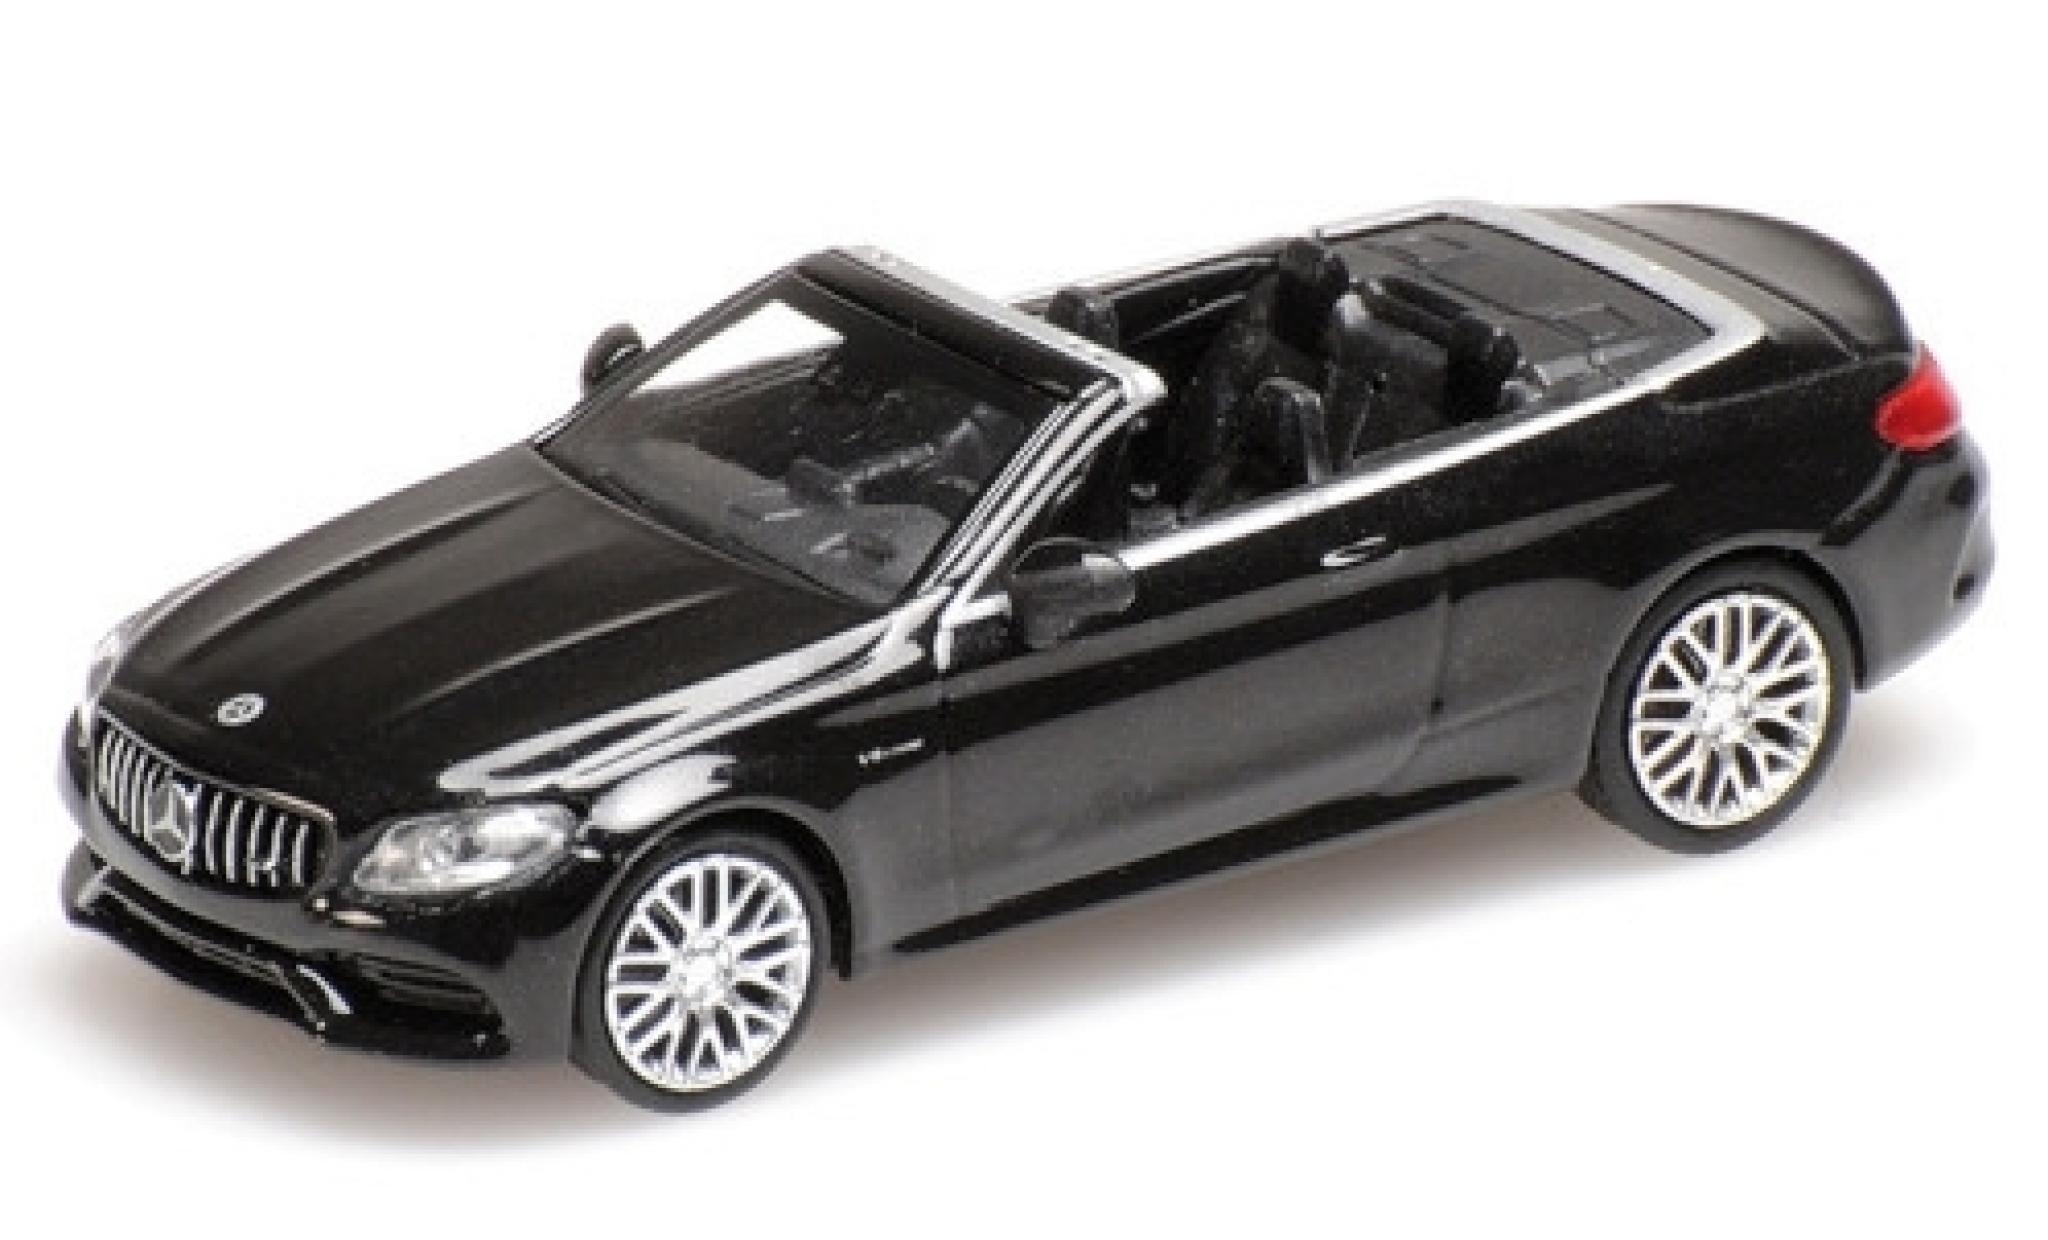 Mercedes Classe C 1/87 Minichamps AMG C63 Cabriolet (A205) metallise noire 2019